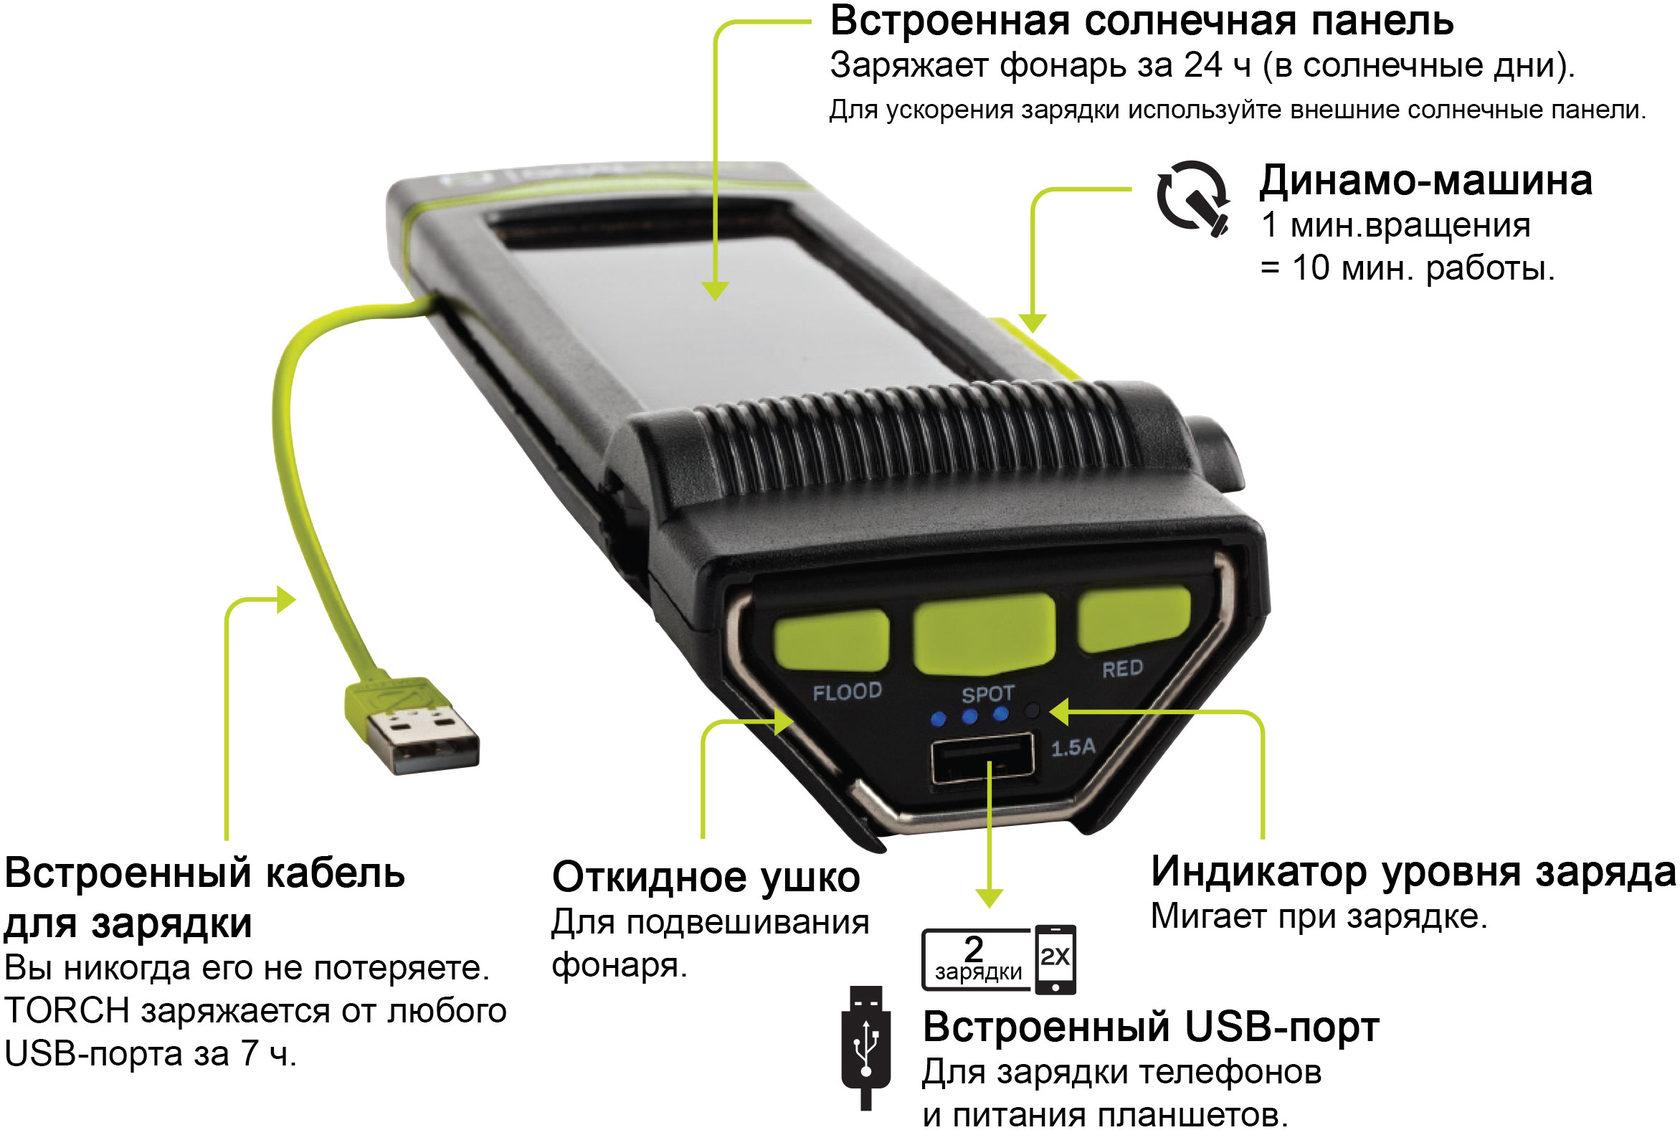 Зарядка автомобильного аккумулятора: методы и правила зарядки